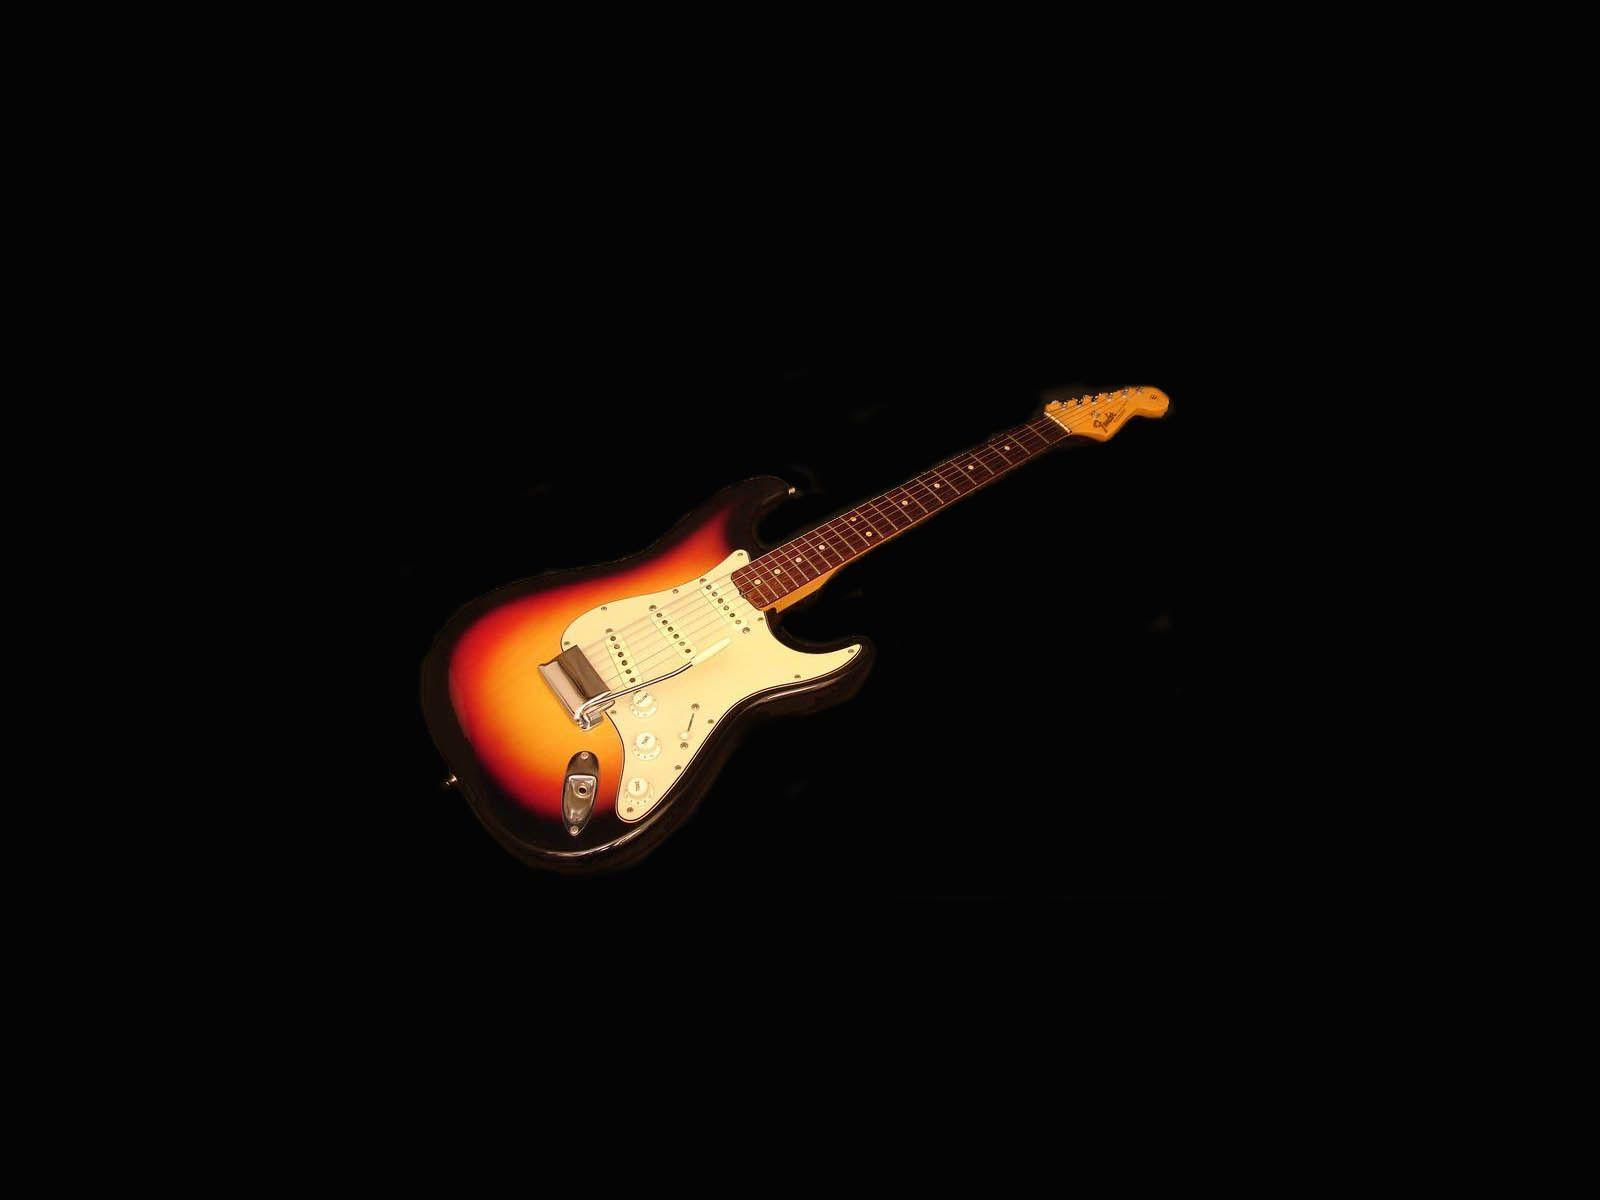 Cette guitare Fender Stratocaster na pas de prix